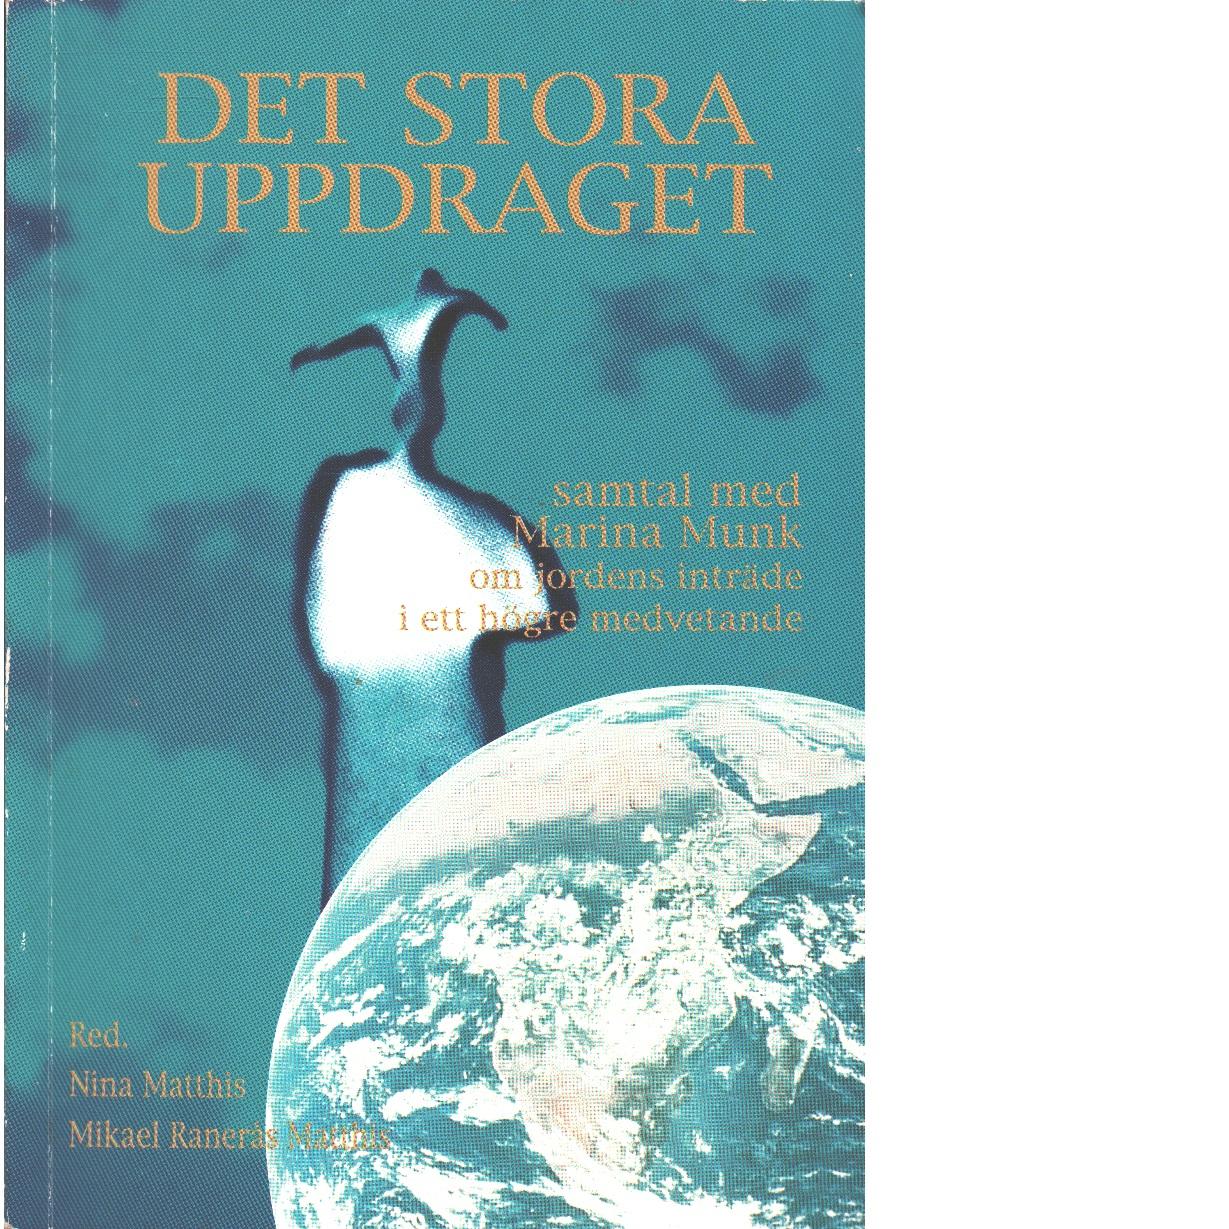 Det stora uppdraget : samtal med Marina Munk om jordens inträde i ett högre medvetande  -  Munk, Marina och Matthis, Nina samt Matthis, Mikael